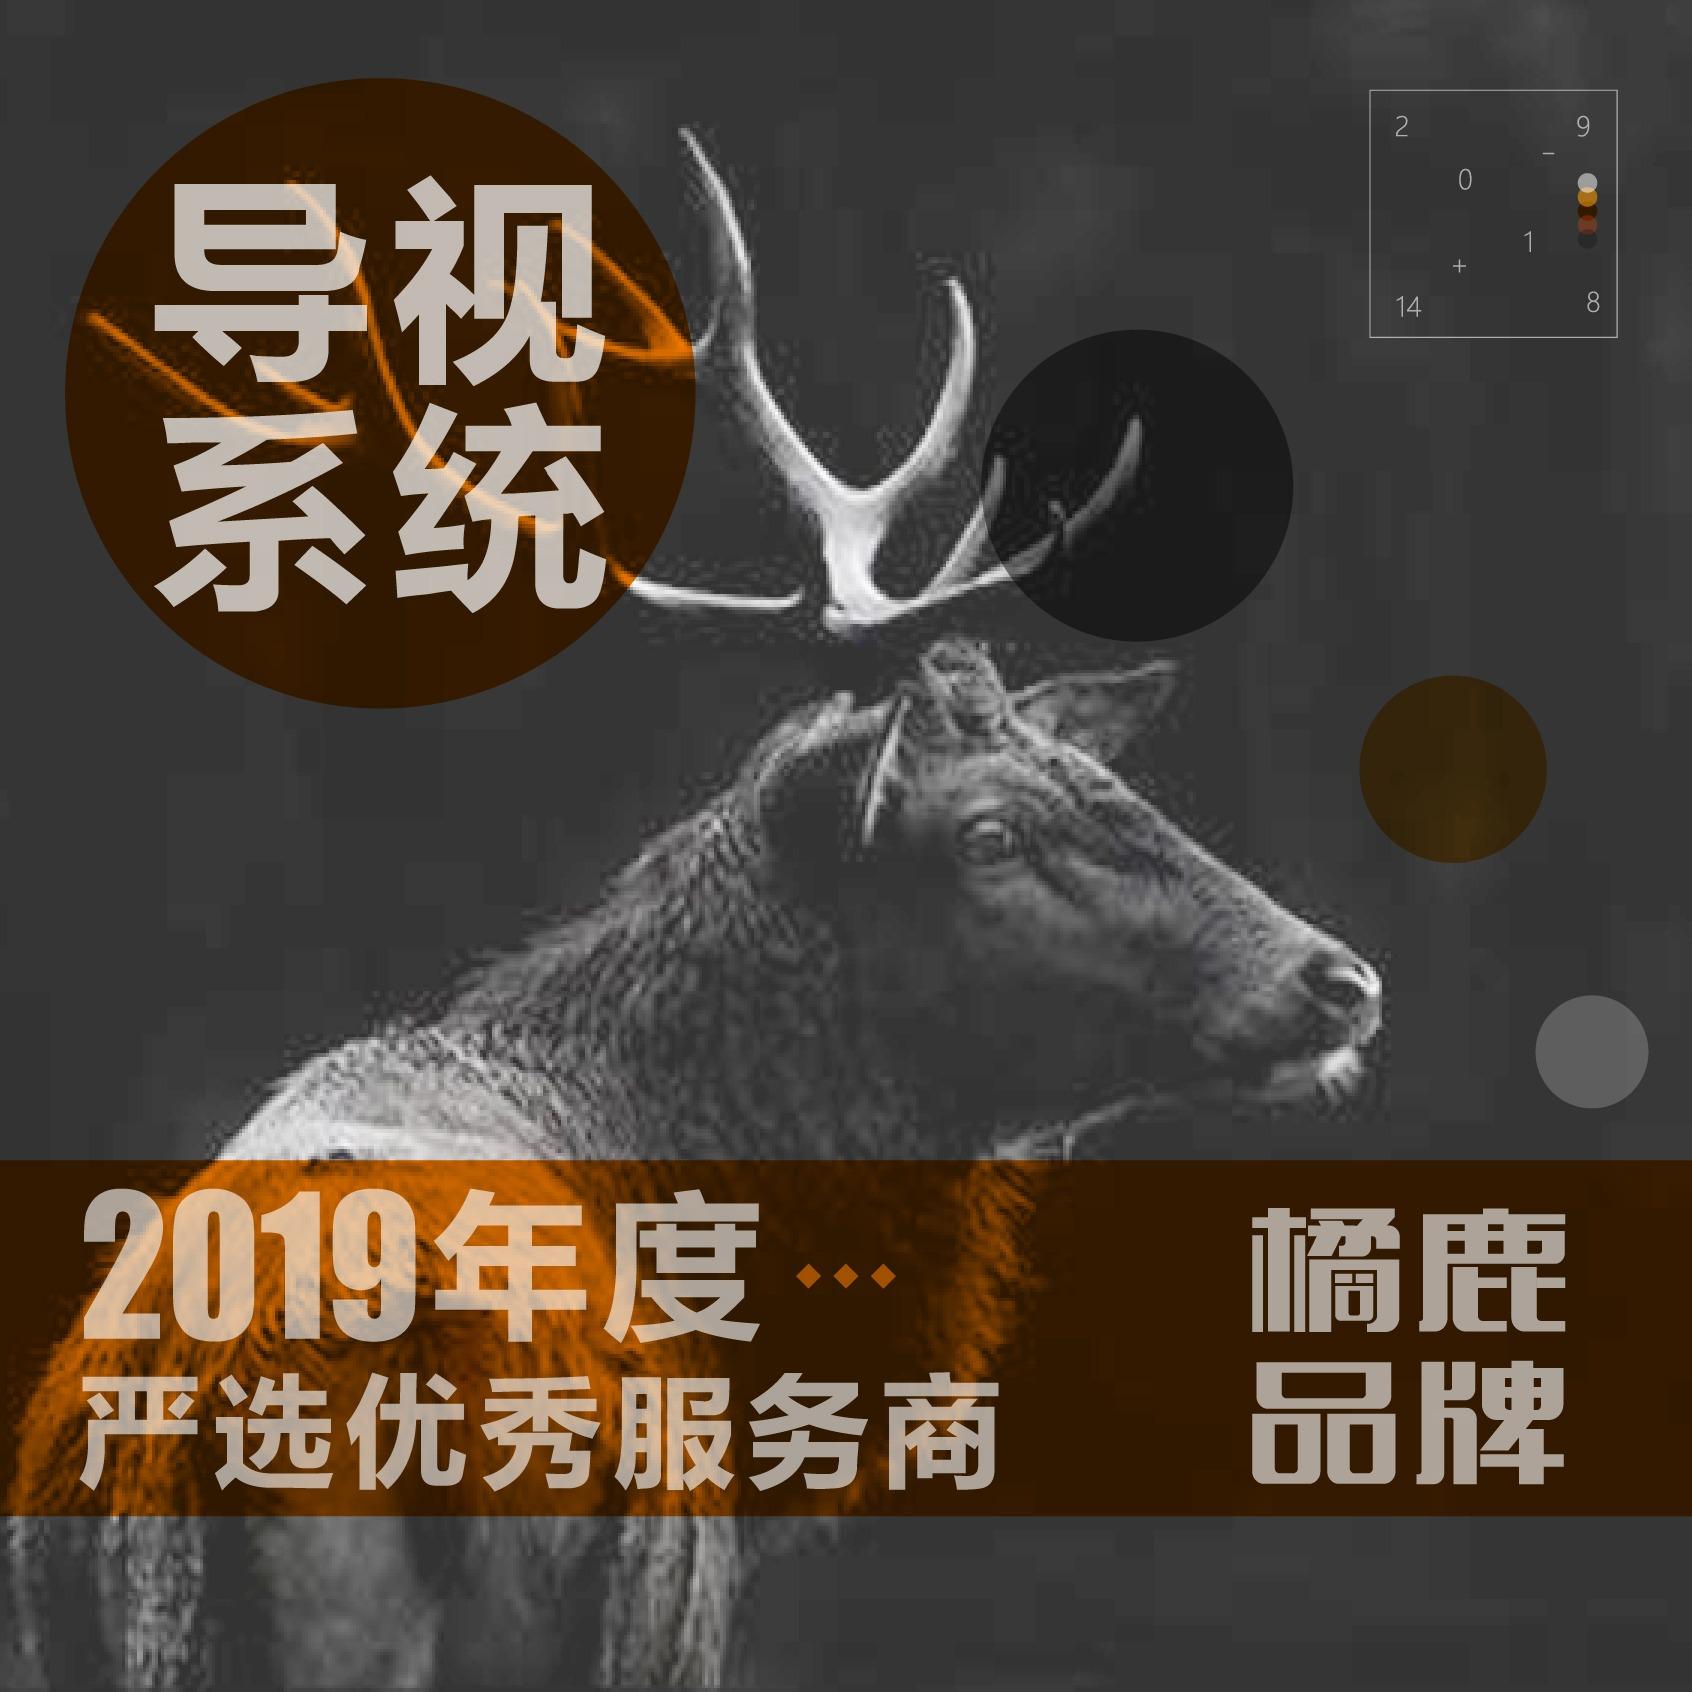 【橘鹿品牌】旅游景区/医院政府/商场/导视VIS系统宣传墙绘